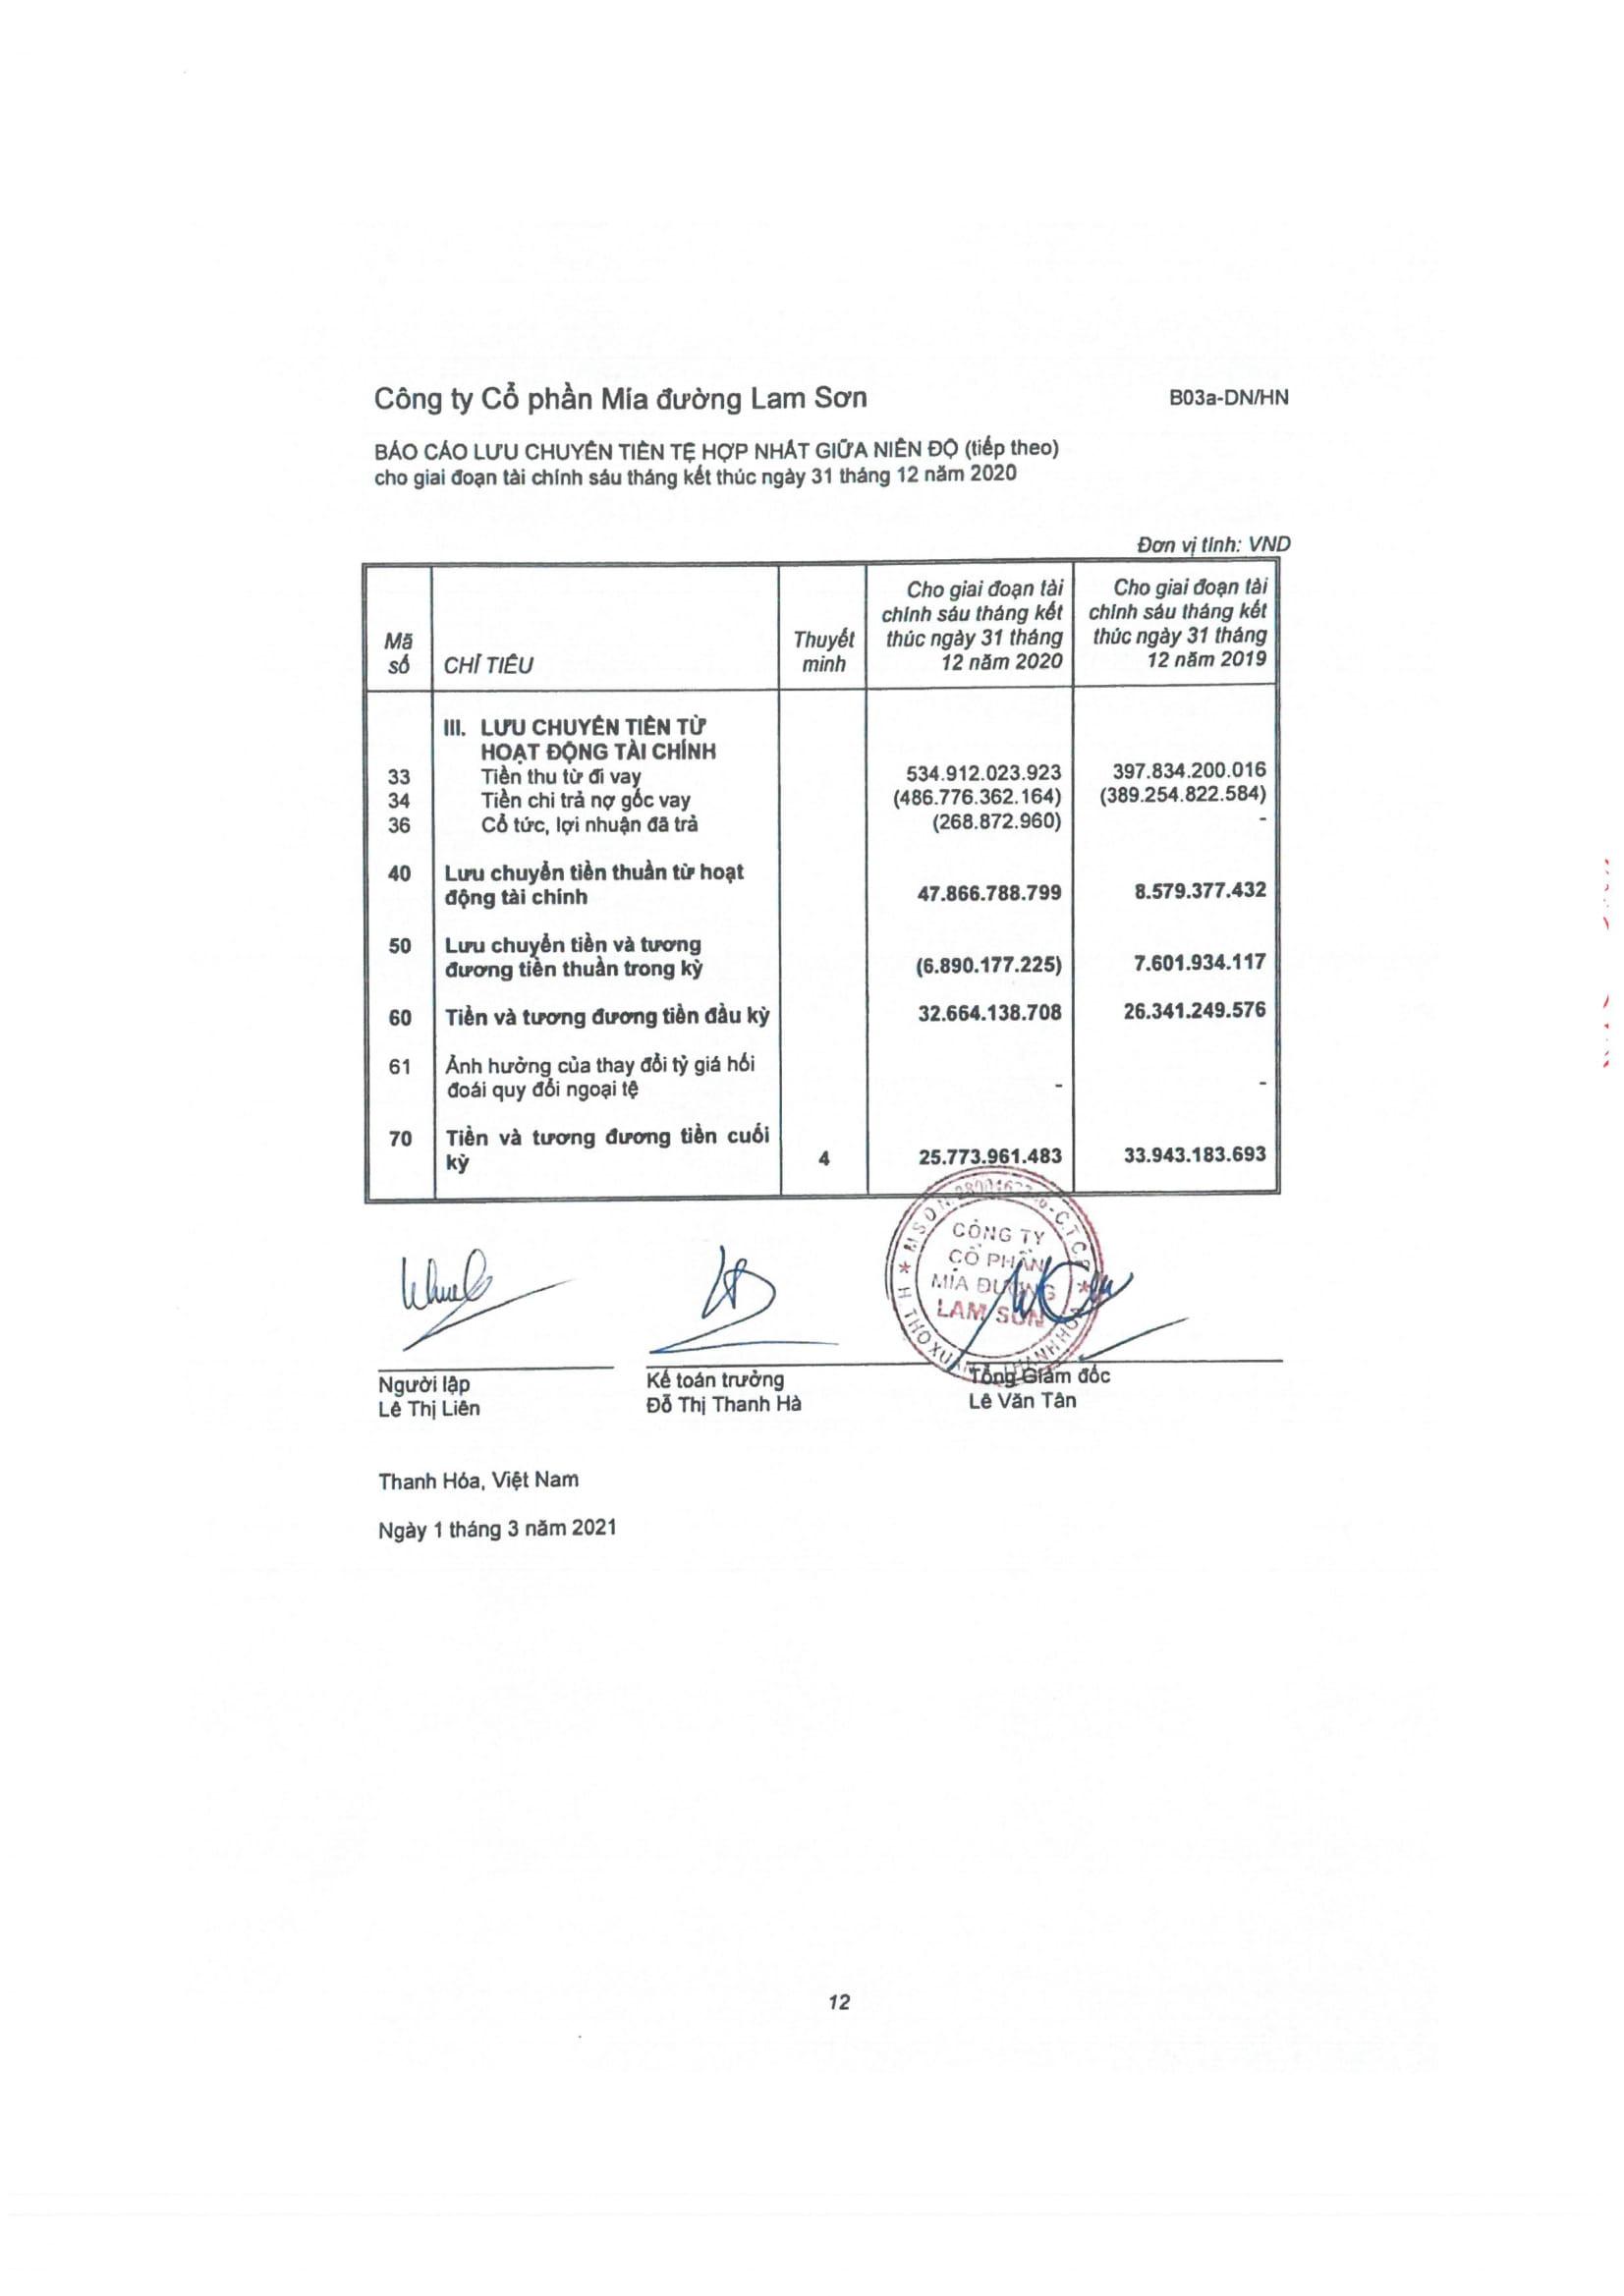 BCTC hợp nhất 31.12.2020-14